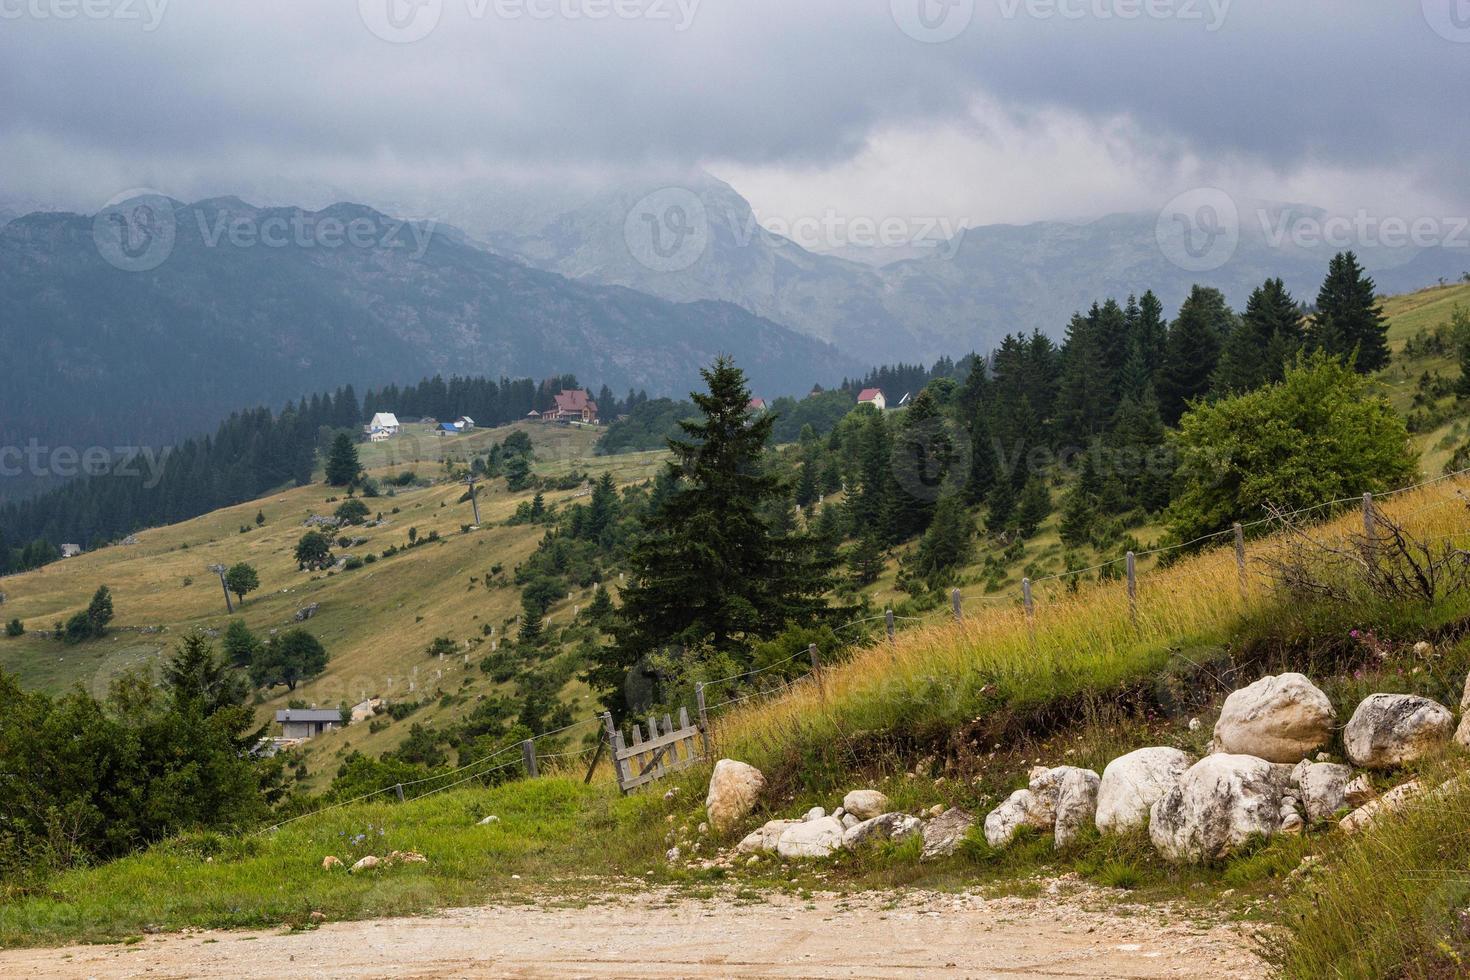 paesaggio nebbioso nelle montagne delle alpi dinariche foto